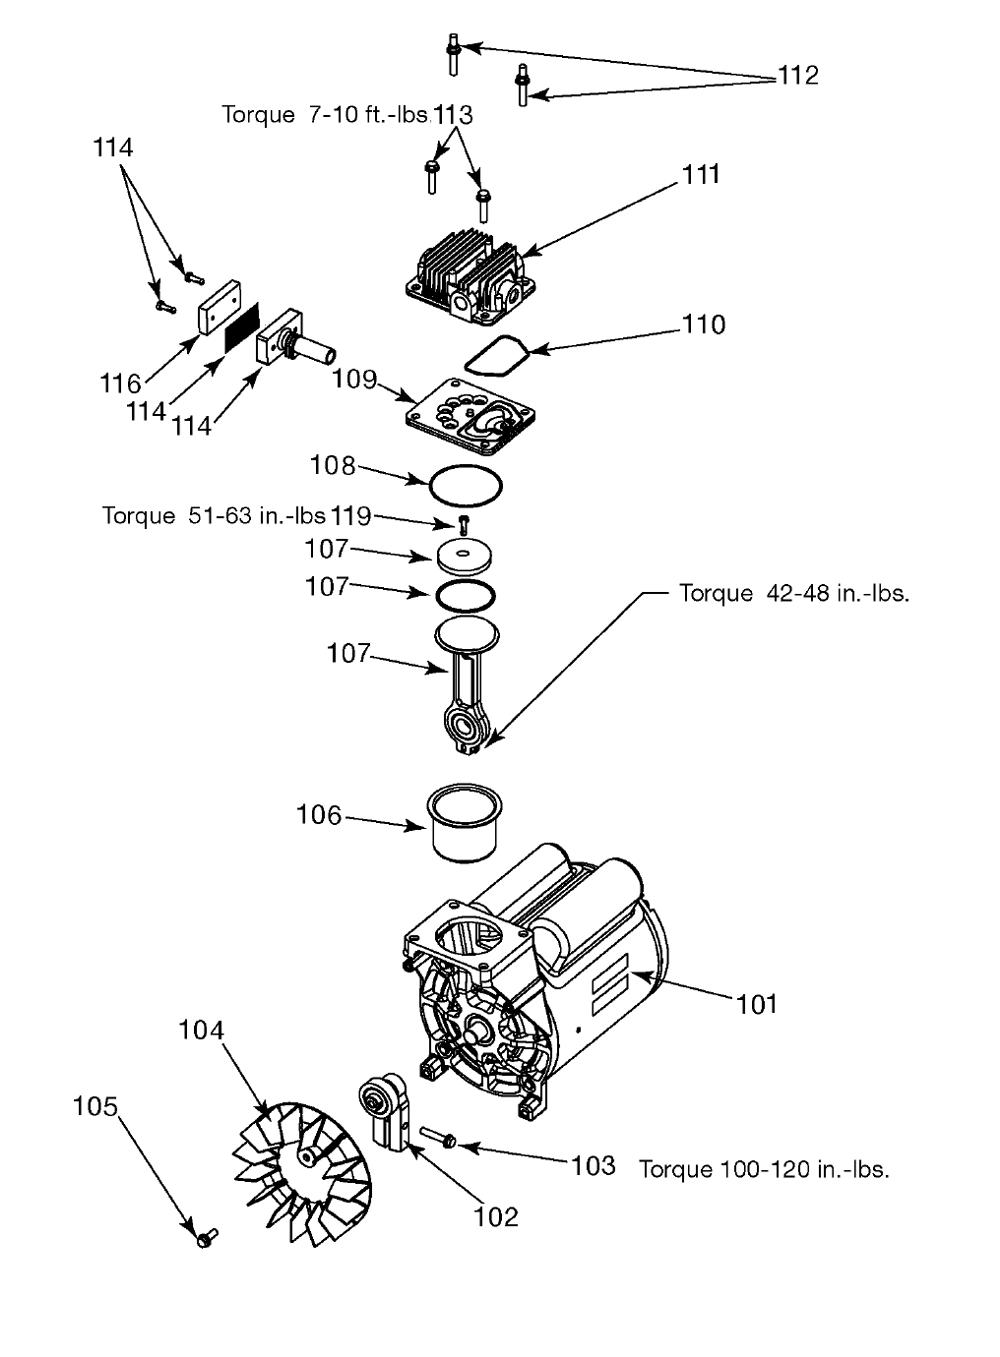 CPF6020-WK-Porter-Cable-T0-PB-1Break Down